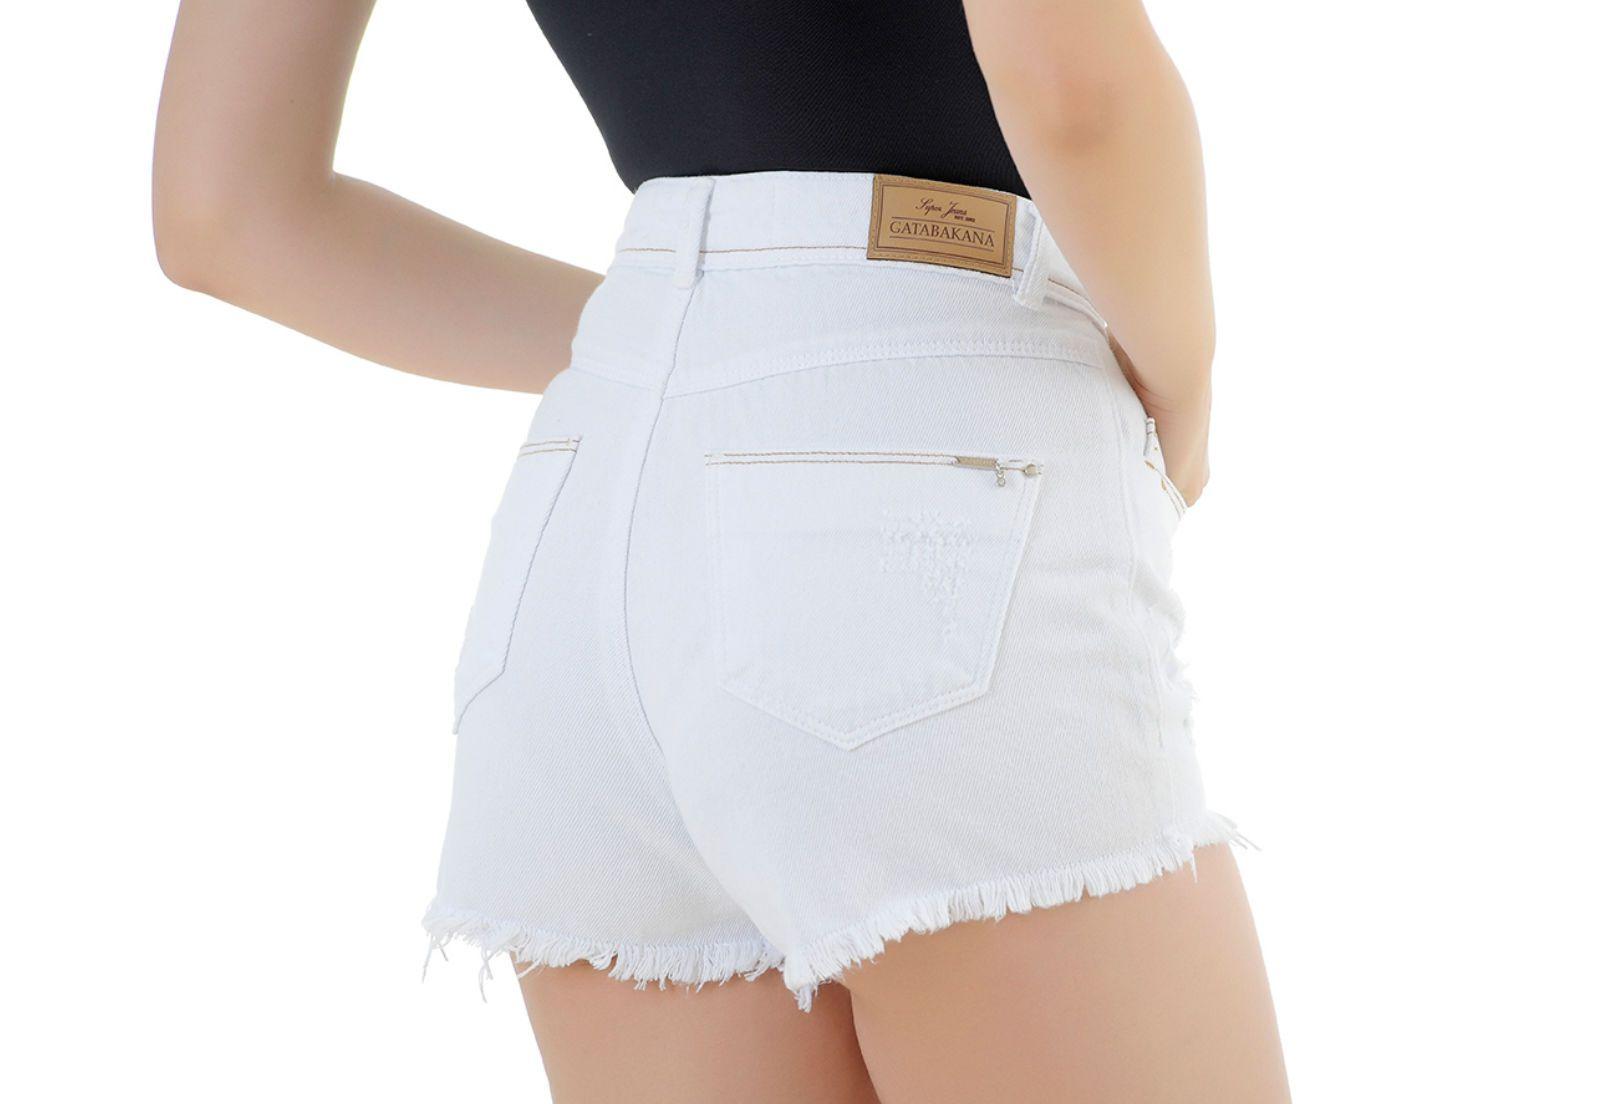 Shorts Jeans Gatabakana